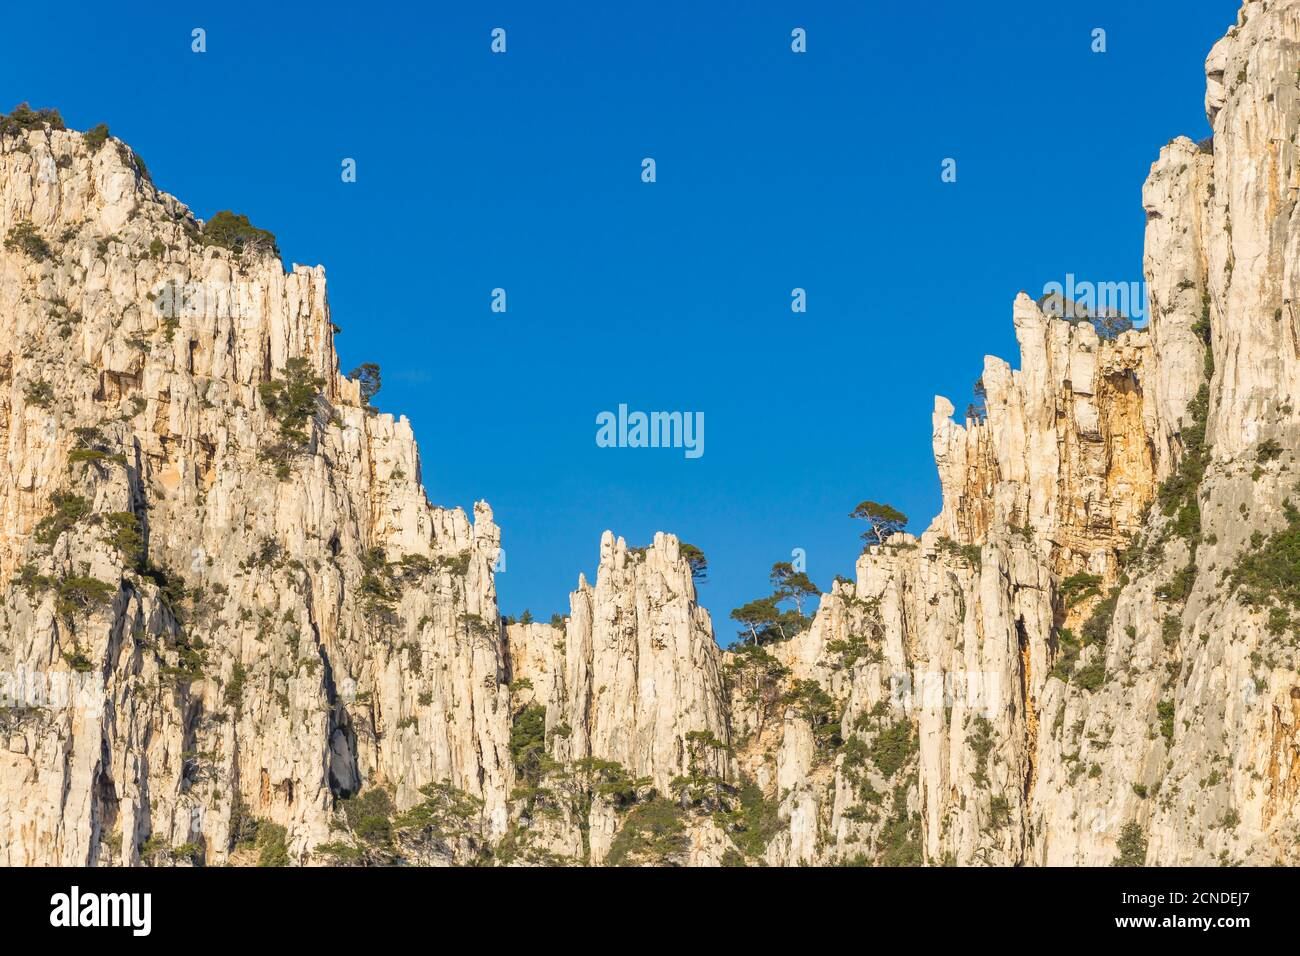 Formation rocheuse à Calanque de l'Oule, Parc National de la Calanque, Marseille, Bouches du Rhône, Provence, France, Europe Banque D'Images